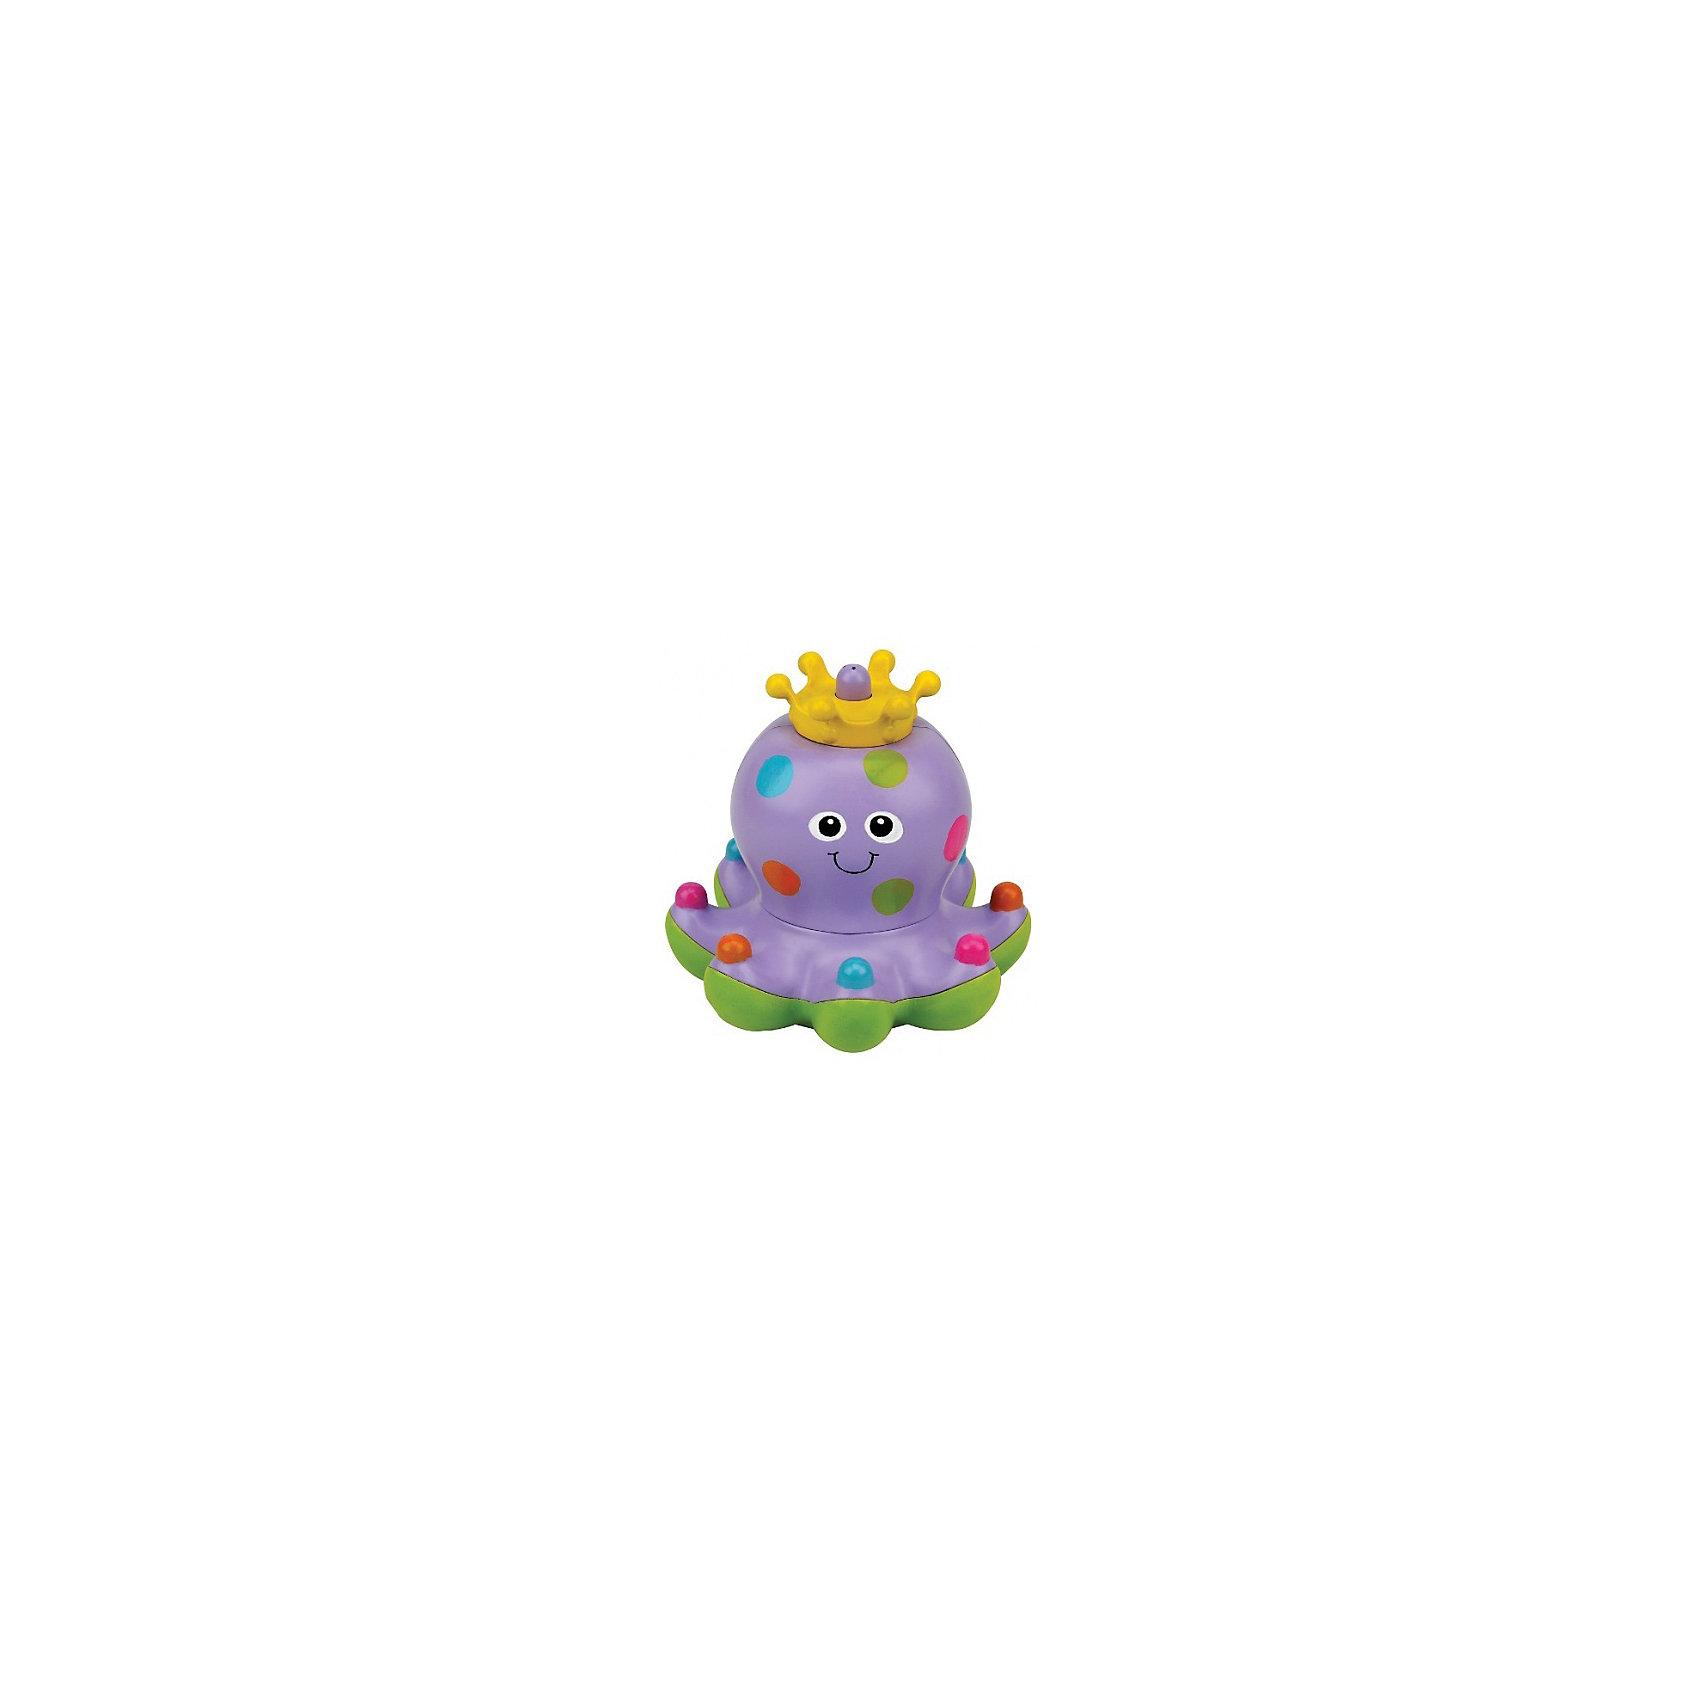 Осьминожка Клёпа, Ks KidsРазвивающие игрушки<br>Осьминожка Клёпа, Ks Kids ? новинка 2016 года, предназначенная для детей от года и старше сделает купание вашего ребенка невероятно увлекательным. Очаровательная осьминожка Клепа ? царица водной стихии, на голове у нее яркая корона. Она умеет плавать по поверхности воды, но ее самое главное умение ? запускать фонтанчики. При запуске струек воды Клепа «танцует» ? кружится на поверхности воды.<br>Изготовленная из качественного пластика с яркими горохами по всему телу, Клепа научит малыша различать цвета, а края щупалец, увенчанные разноцветными шариками, позволят развивать тактильные ощущения и координацию движений.<br> Осьминожка Клёпа, Ks Kids станет эксклюзивным подарком для любого малыша!<br><br>Дополнительная информация:<br><br>- Вид игр: игры в воде<br>- Предназначение: для ванной, для бассейна<br>- Батарейки: 2 батарейки АА (не входят в набор)<br>- Материал: качественный пластик<br>- Размер: 13*12 см<br>- Вес: 392 г<br>- Особенности ухода: разрешается мыть в мыльной воде, предварительно достав батарейки<br><br>Подробнее:<br><br>• Для детей в возрасте: от 1 года до 3 лет<br>• Страна производитель: Китай<br>• Торговый бренд: Ks Kids<br><br>Осьминожку Клёпу, Ks Kids (Кс Кидс) можно купить в нашем интернет-магазине.<br><br>Ширина мм: 180<br>Глубина мм: 180<br>Высота мм: 135<br>Вес г: 392<br>Возраст от месяцев: 12<br>Возраст до месяцев: 36<br>Пол: Унисекс<br>Возраст: Детский<br>SKU: 4790455